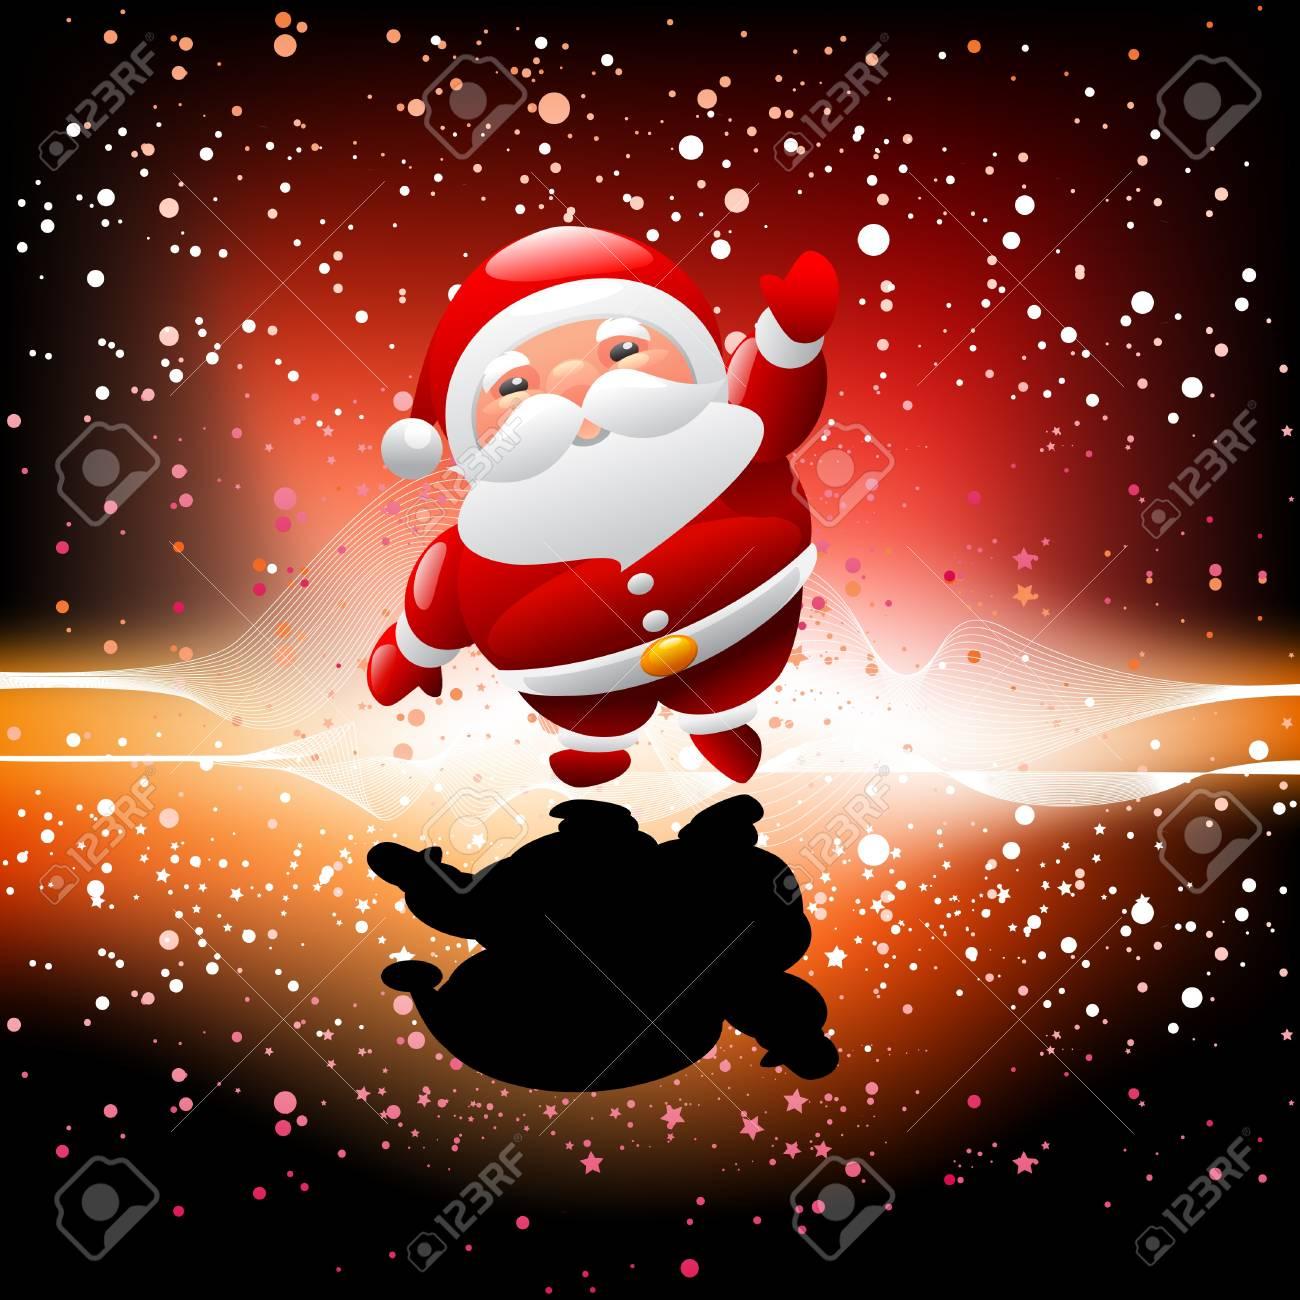 Weihnachten Santa Claus Lizenzfrei Nutzbare Vektorgrafiken, Clip ...